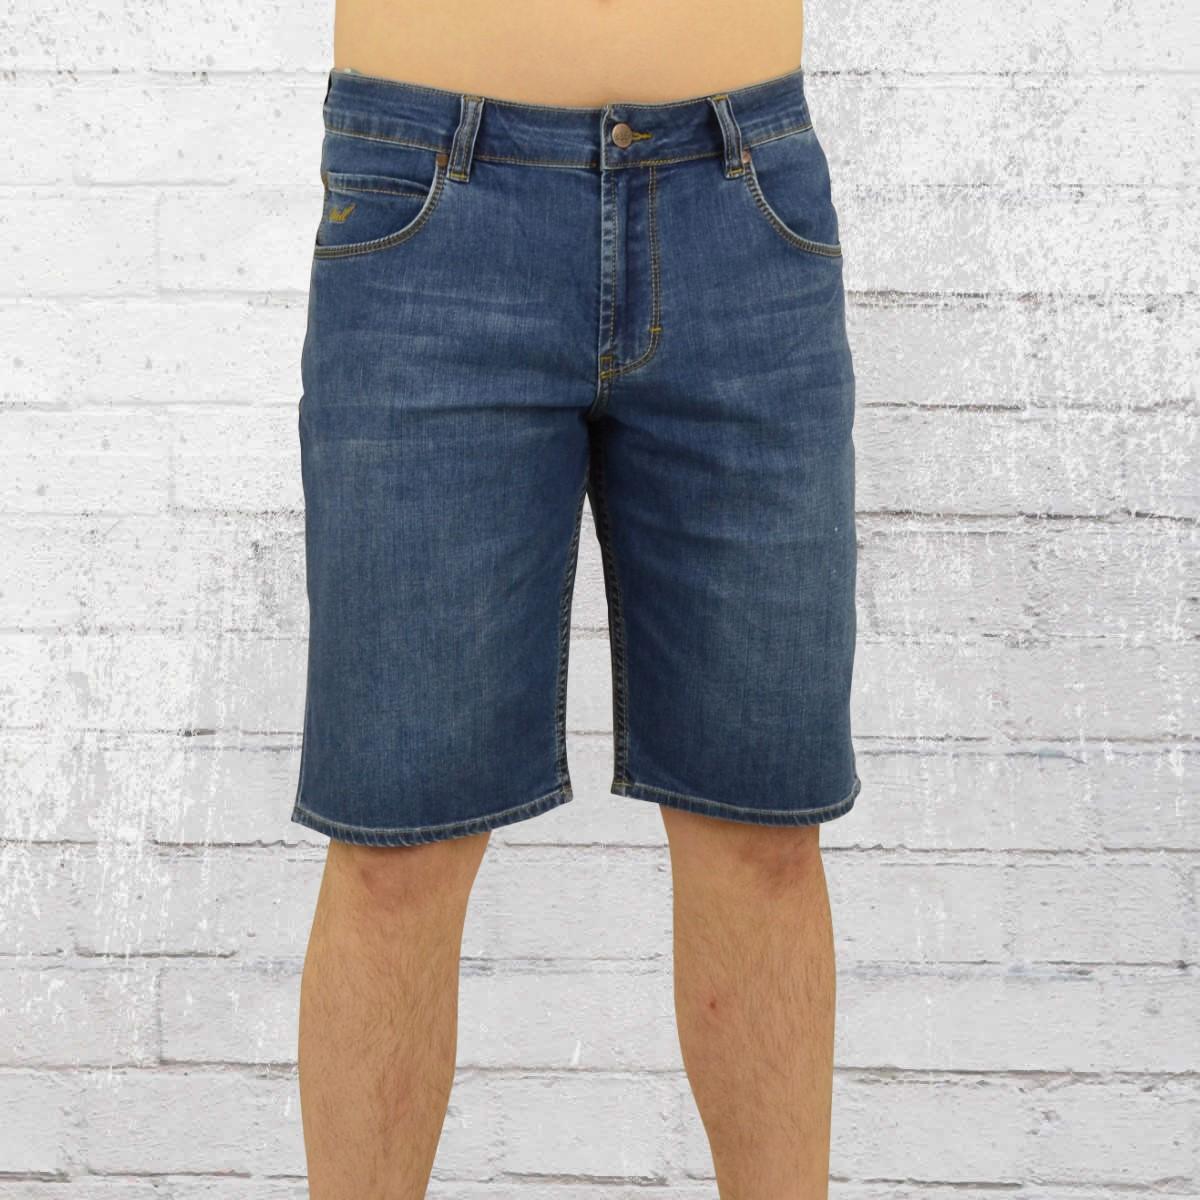 jetzt bestellen reell herren jeans short rafter 2 stretch mittelblau krasse. Black Bedroom Furniture Sets. Home Design Ideas